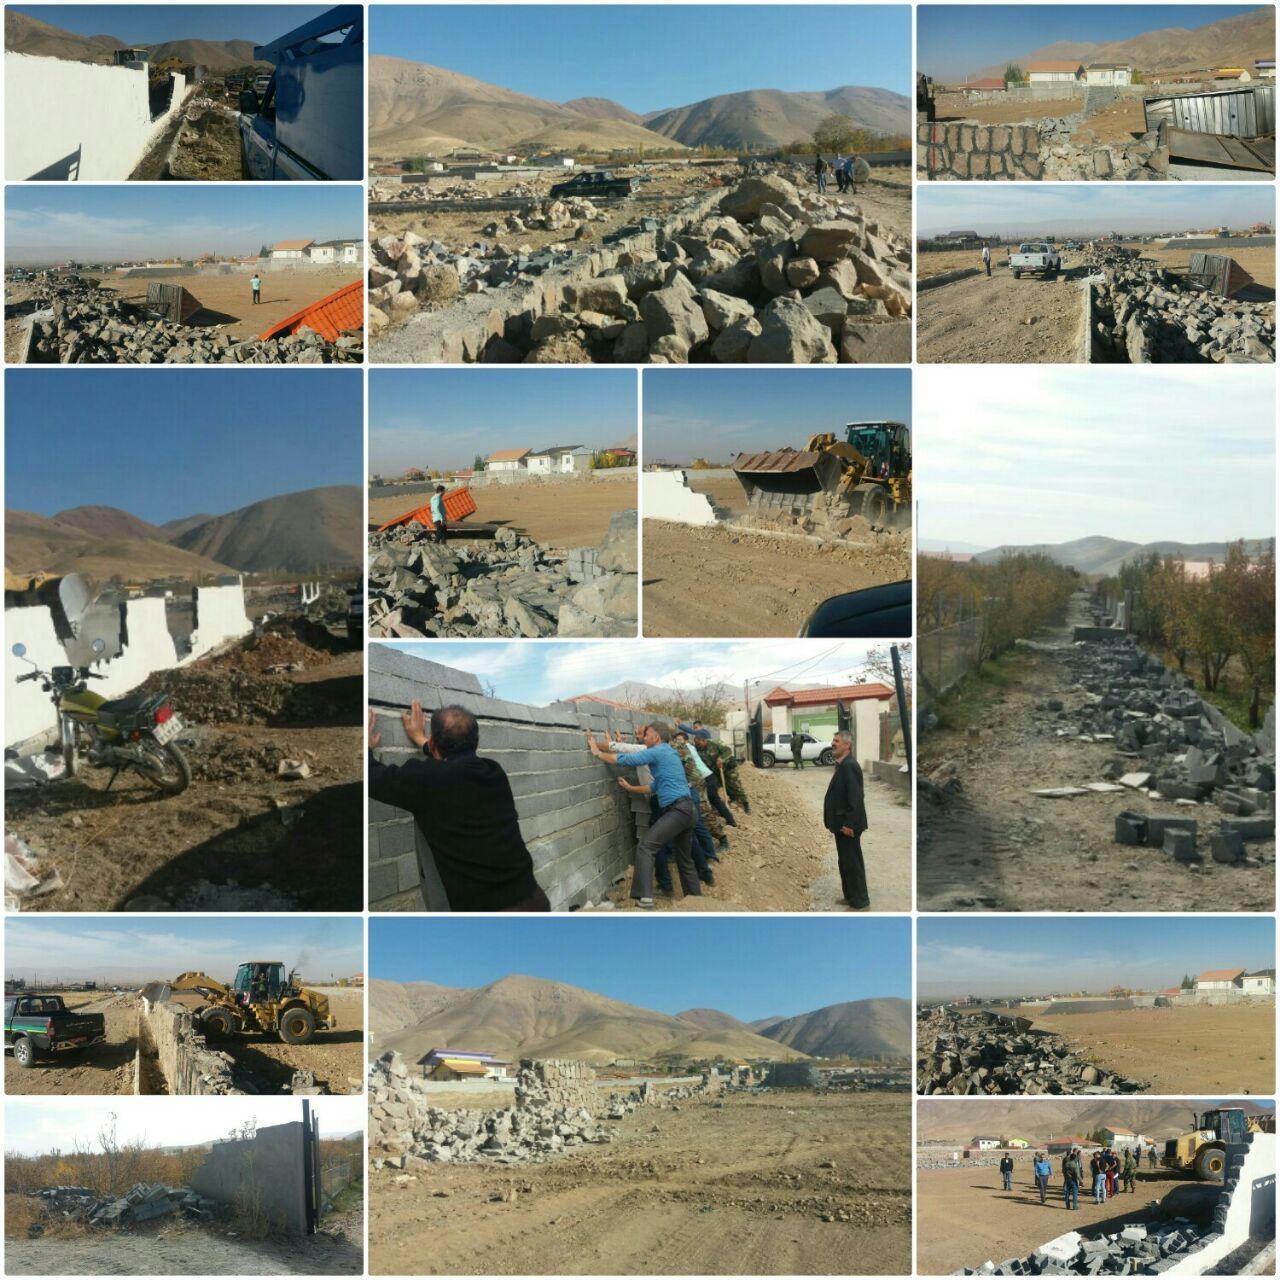 آزادسازی ۱۸ هکتار از اراضی کشاورزی در روستای جابان دماوند/ تخریب ۴۲ فقره ساخت و ساز غیرمجاز